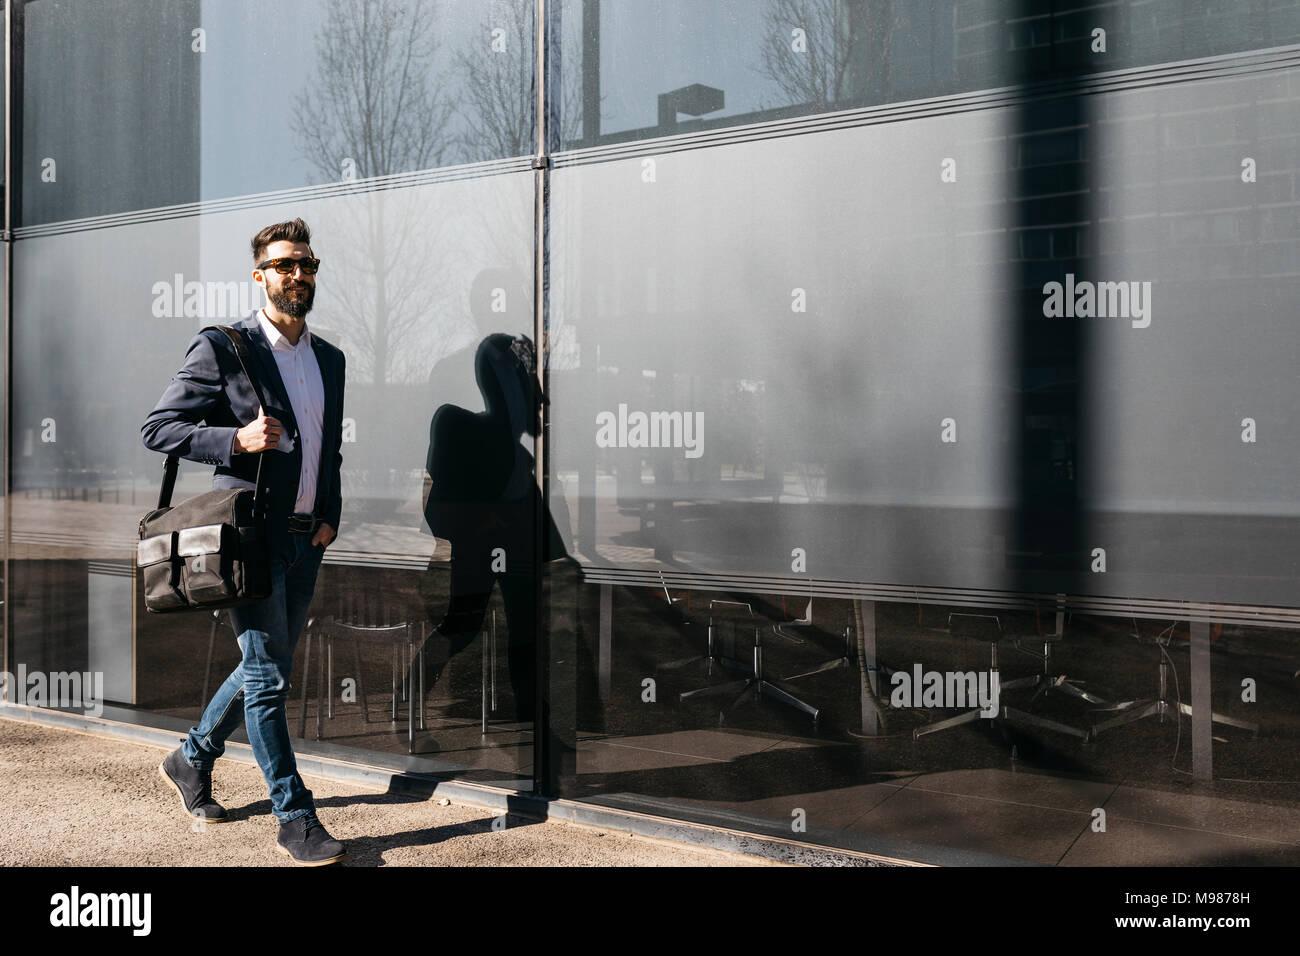 Empresario con gafas de sol caminando a lo largo de la construcción Imagen De Stock